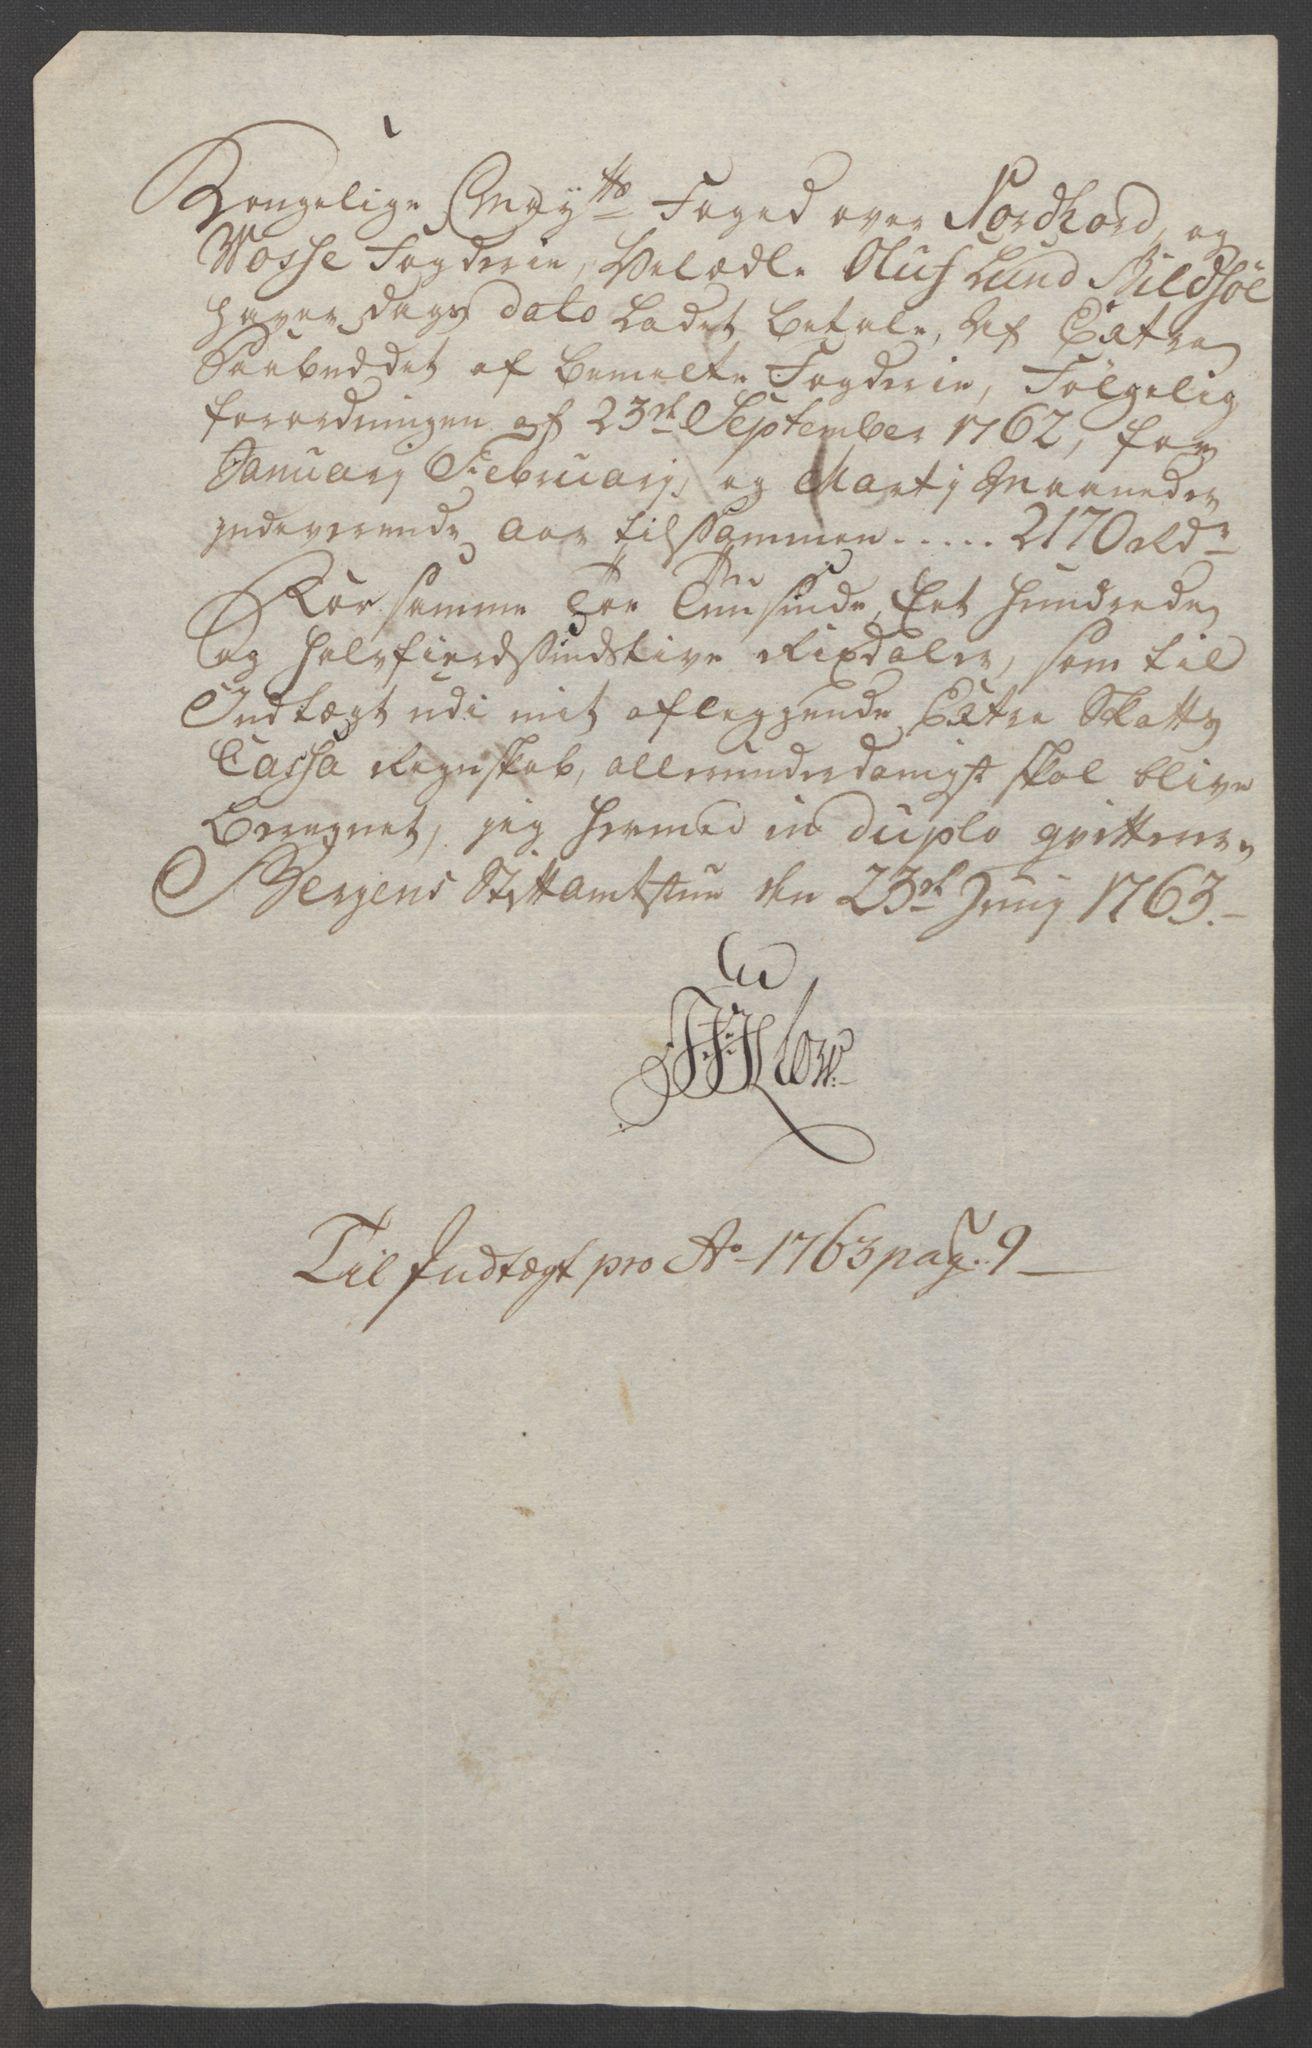 RA, Rentekammeret inntil 1814, Reviderte regnskaper, Fogderegnskap, R51/L3303: Ekstraskatten Nordhordland og Voss, 1762-1772, s. 51